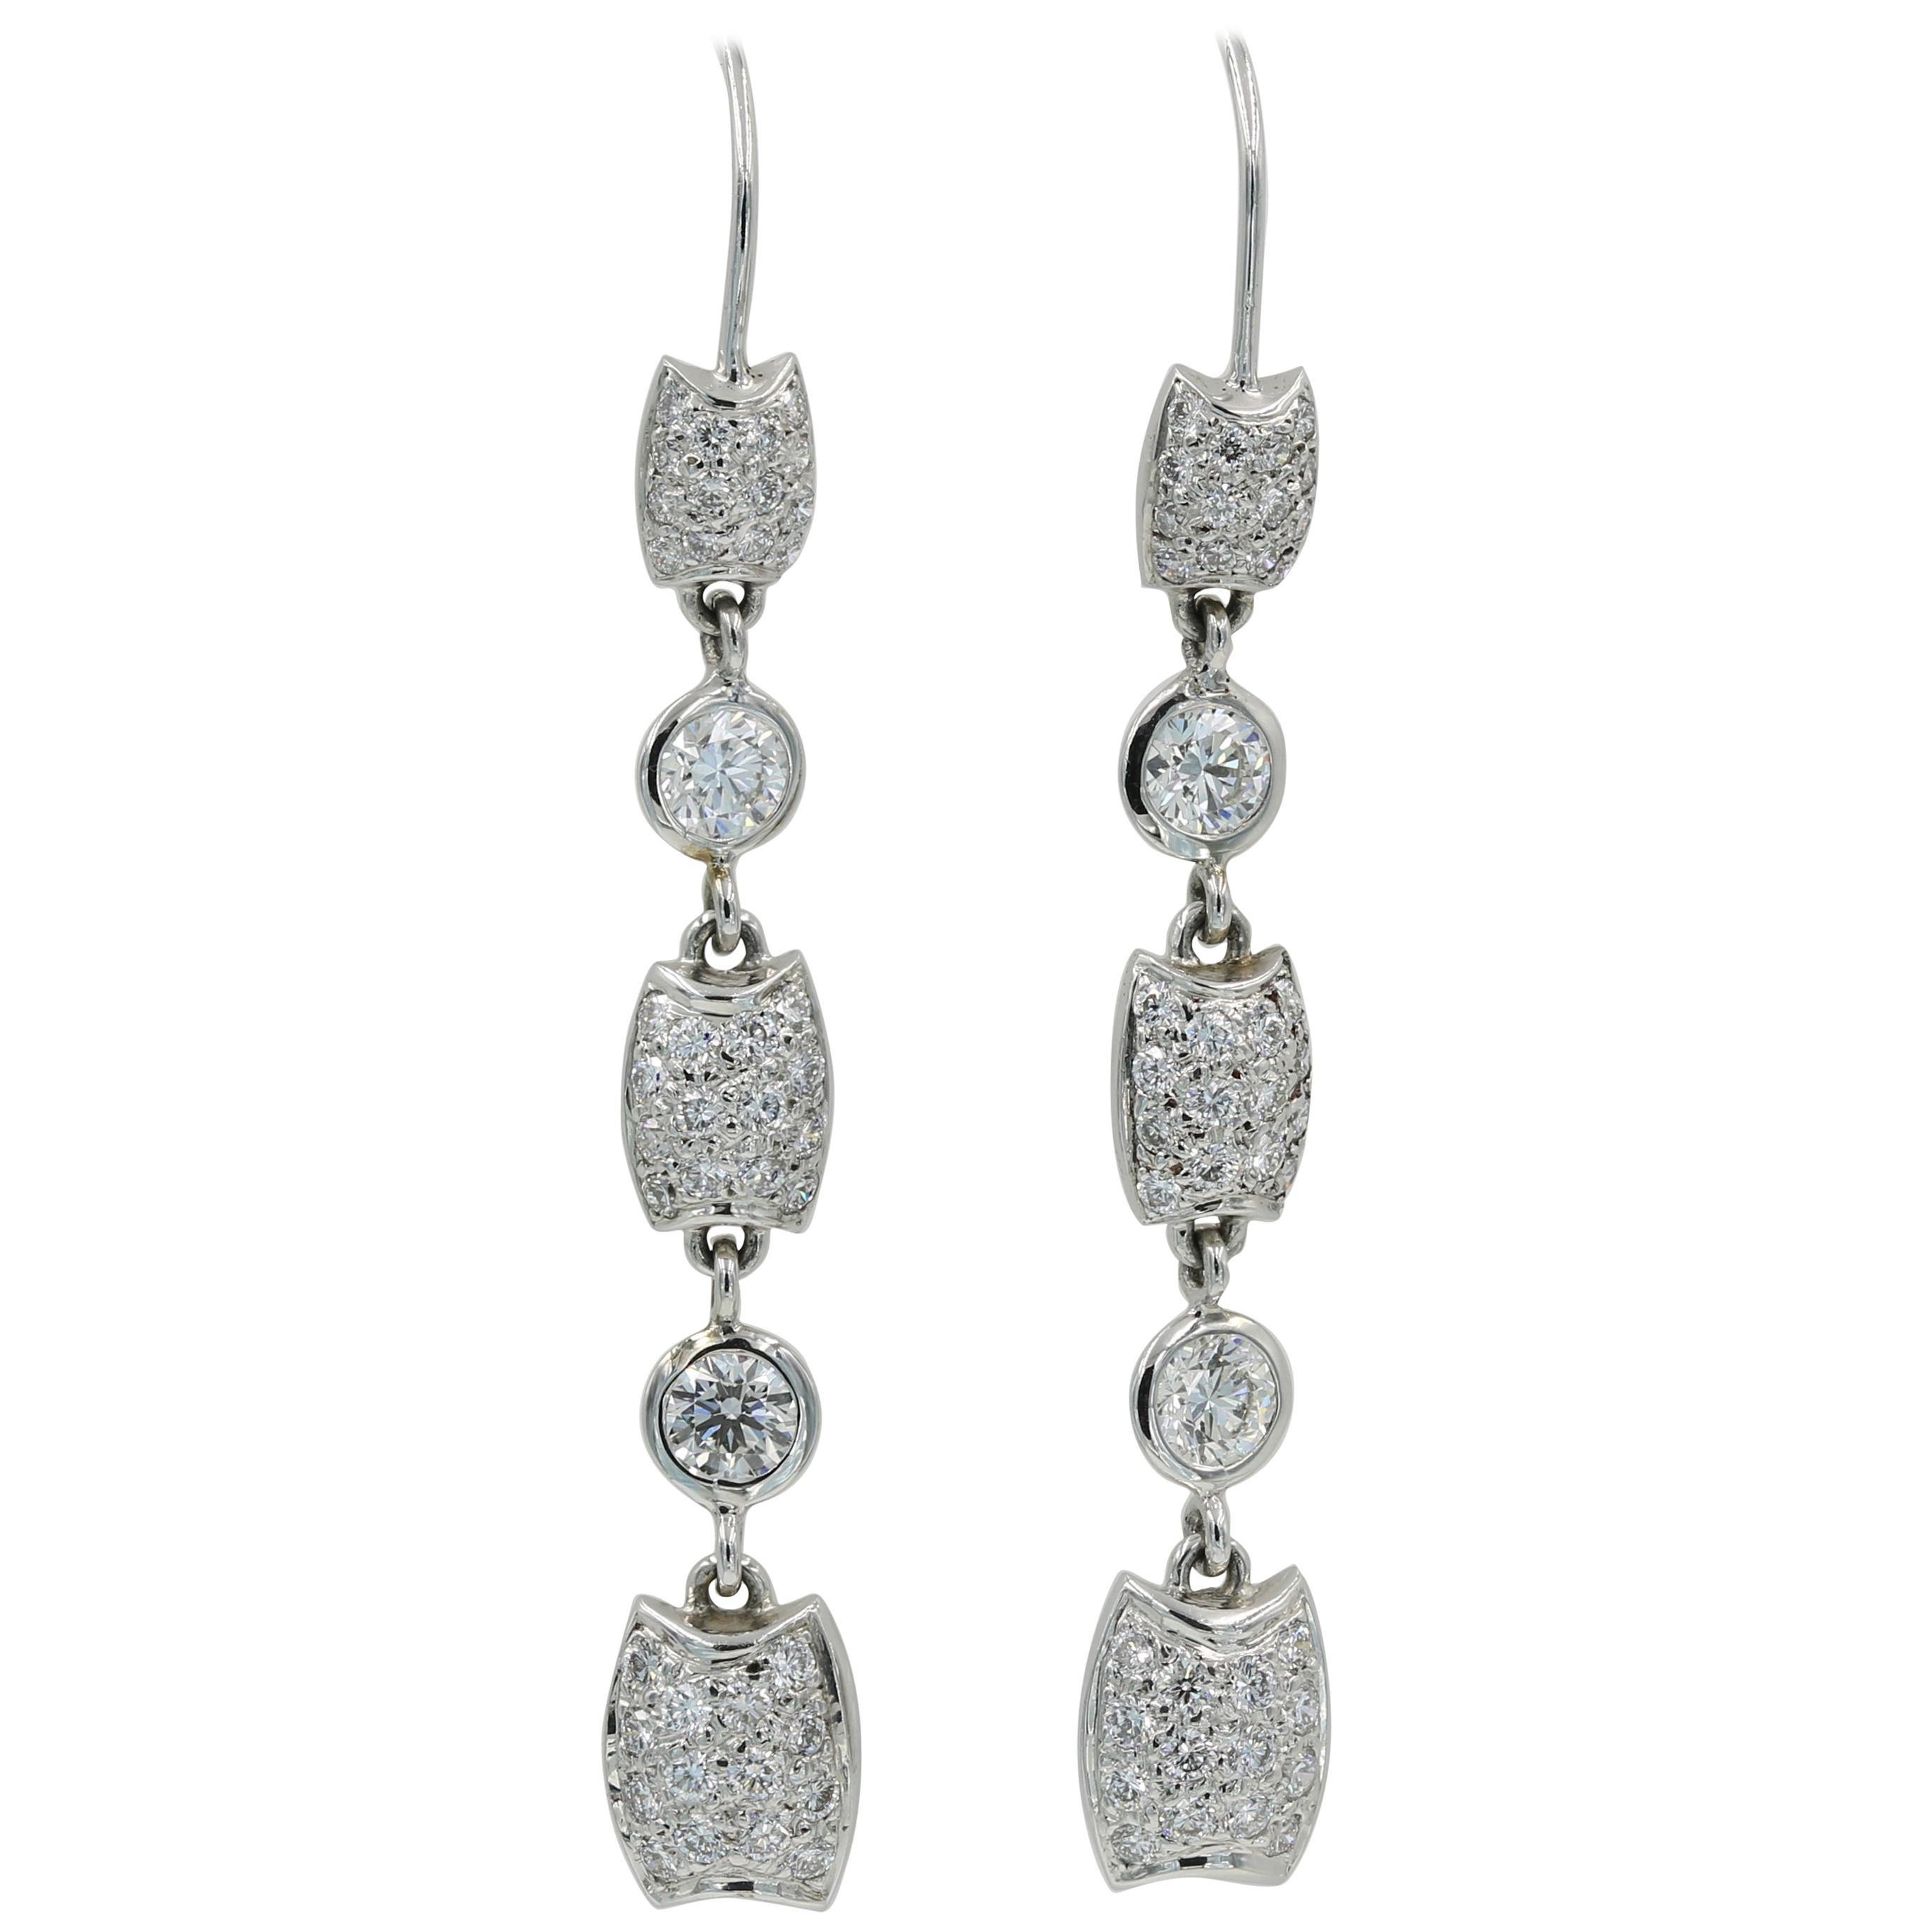 Lester Lampert Diamond Dangle Earring on a Wire Back in 18 Karat White Gold